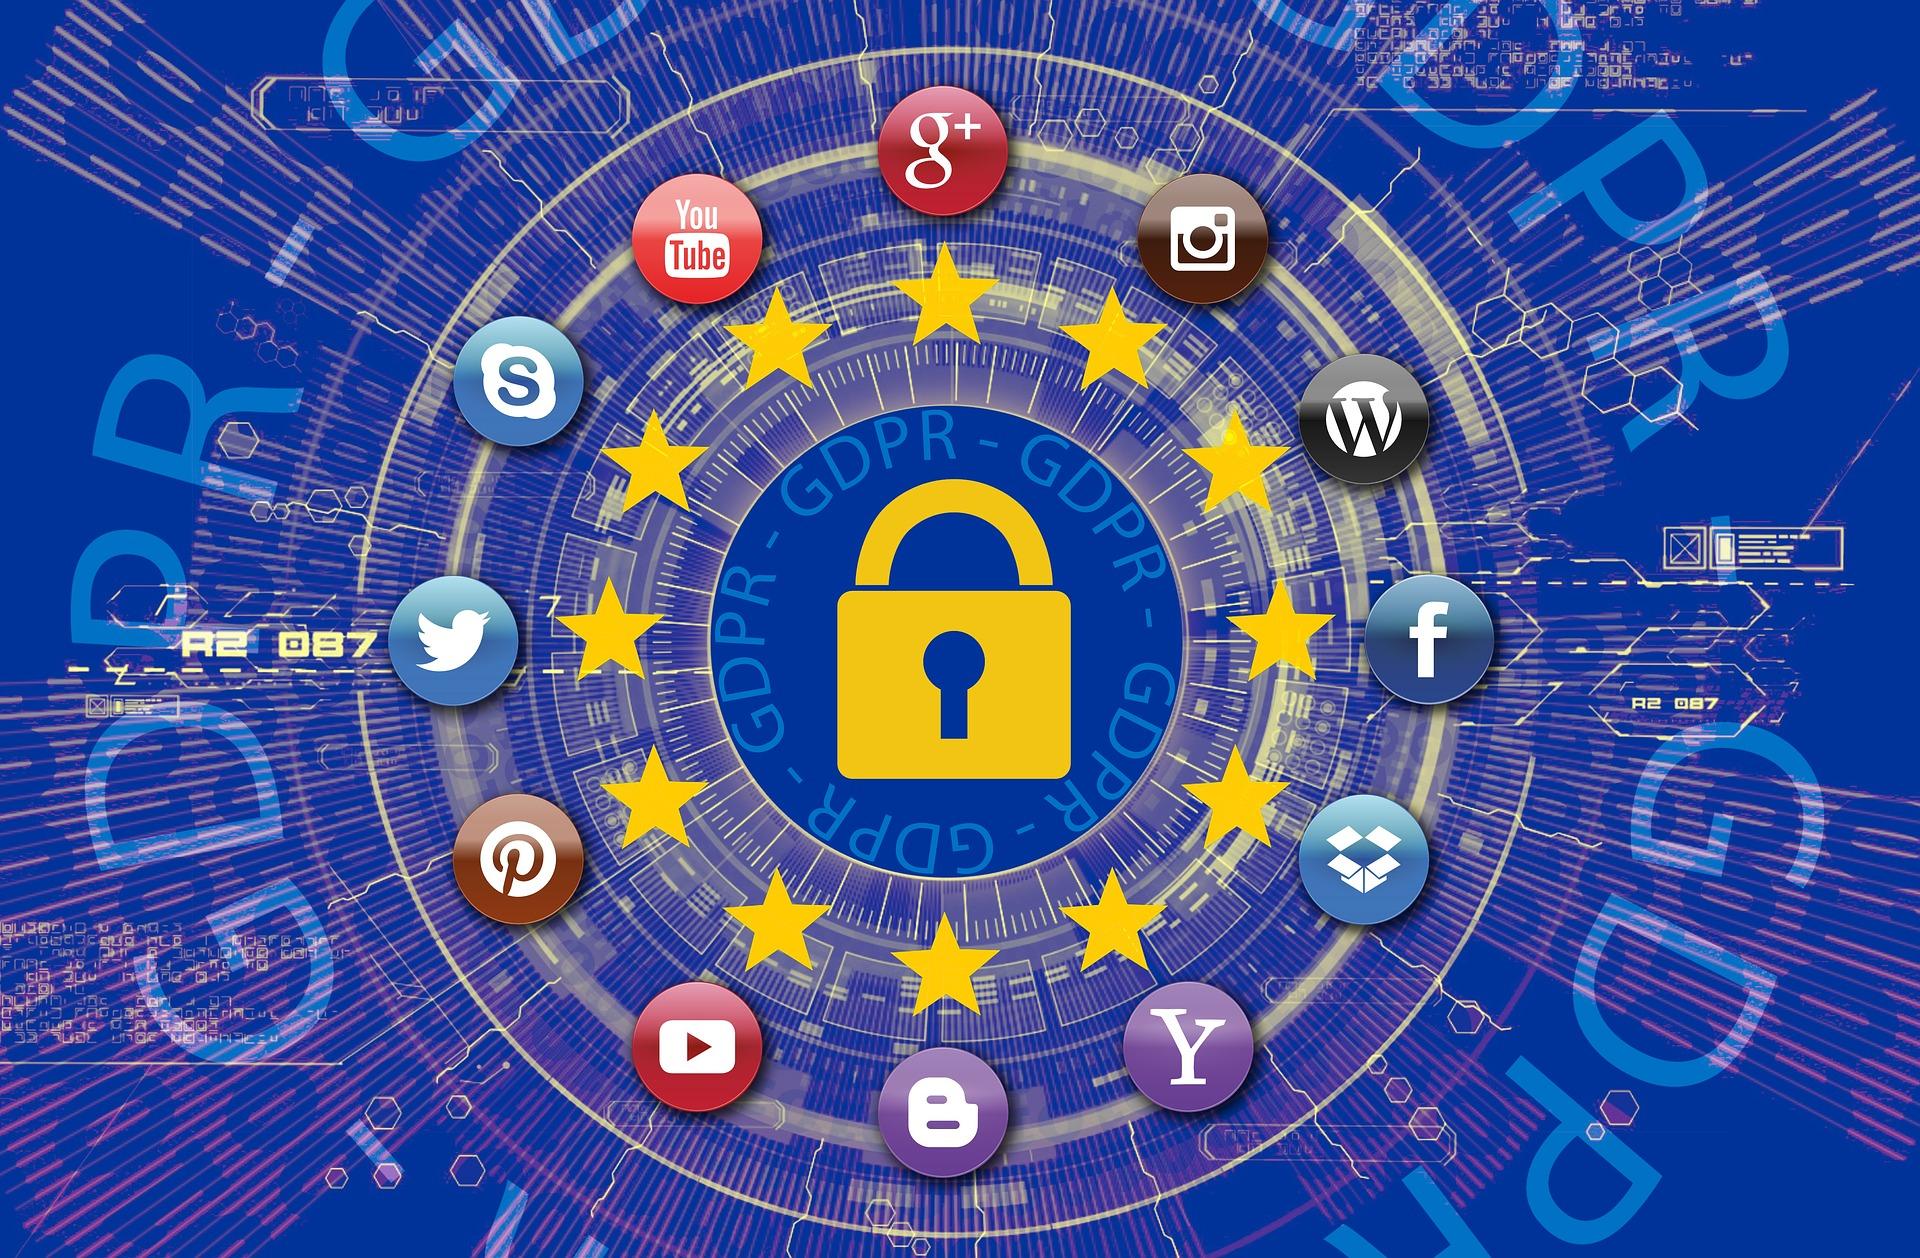 Protección de datos personales en redes sociales debe ser prioridad: Inai